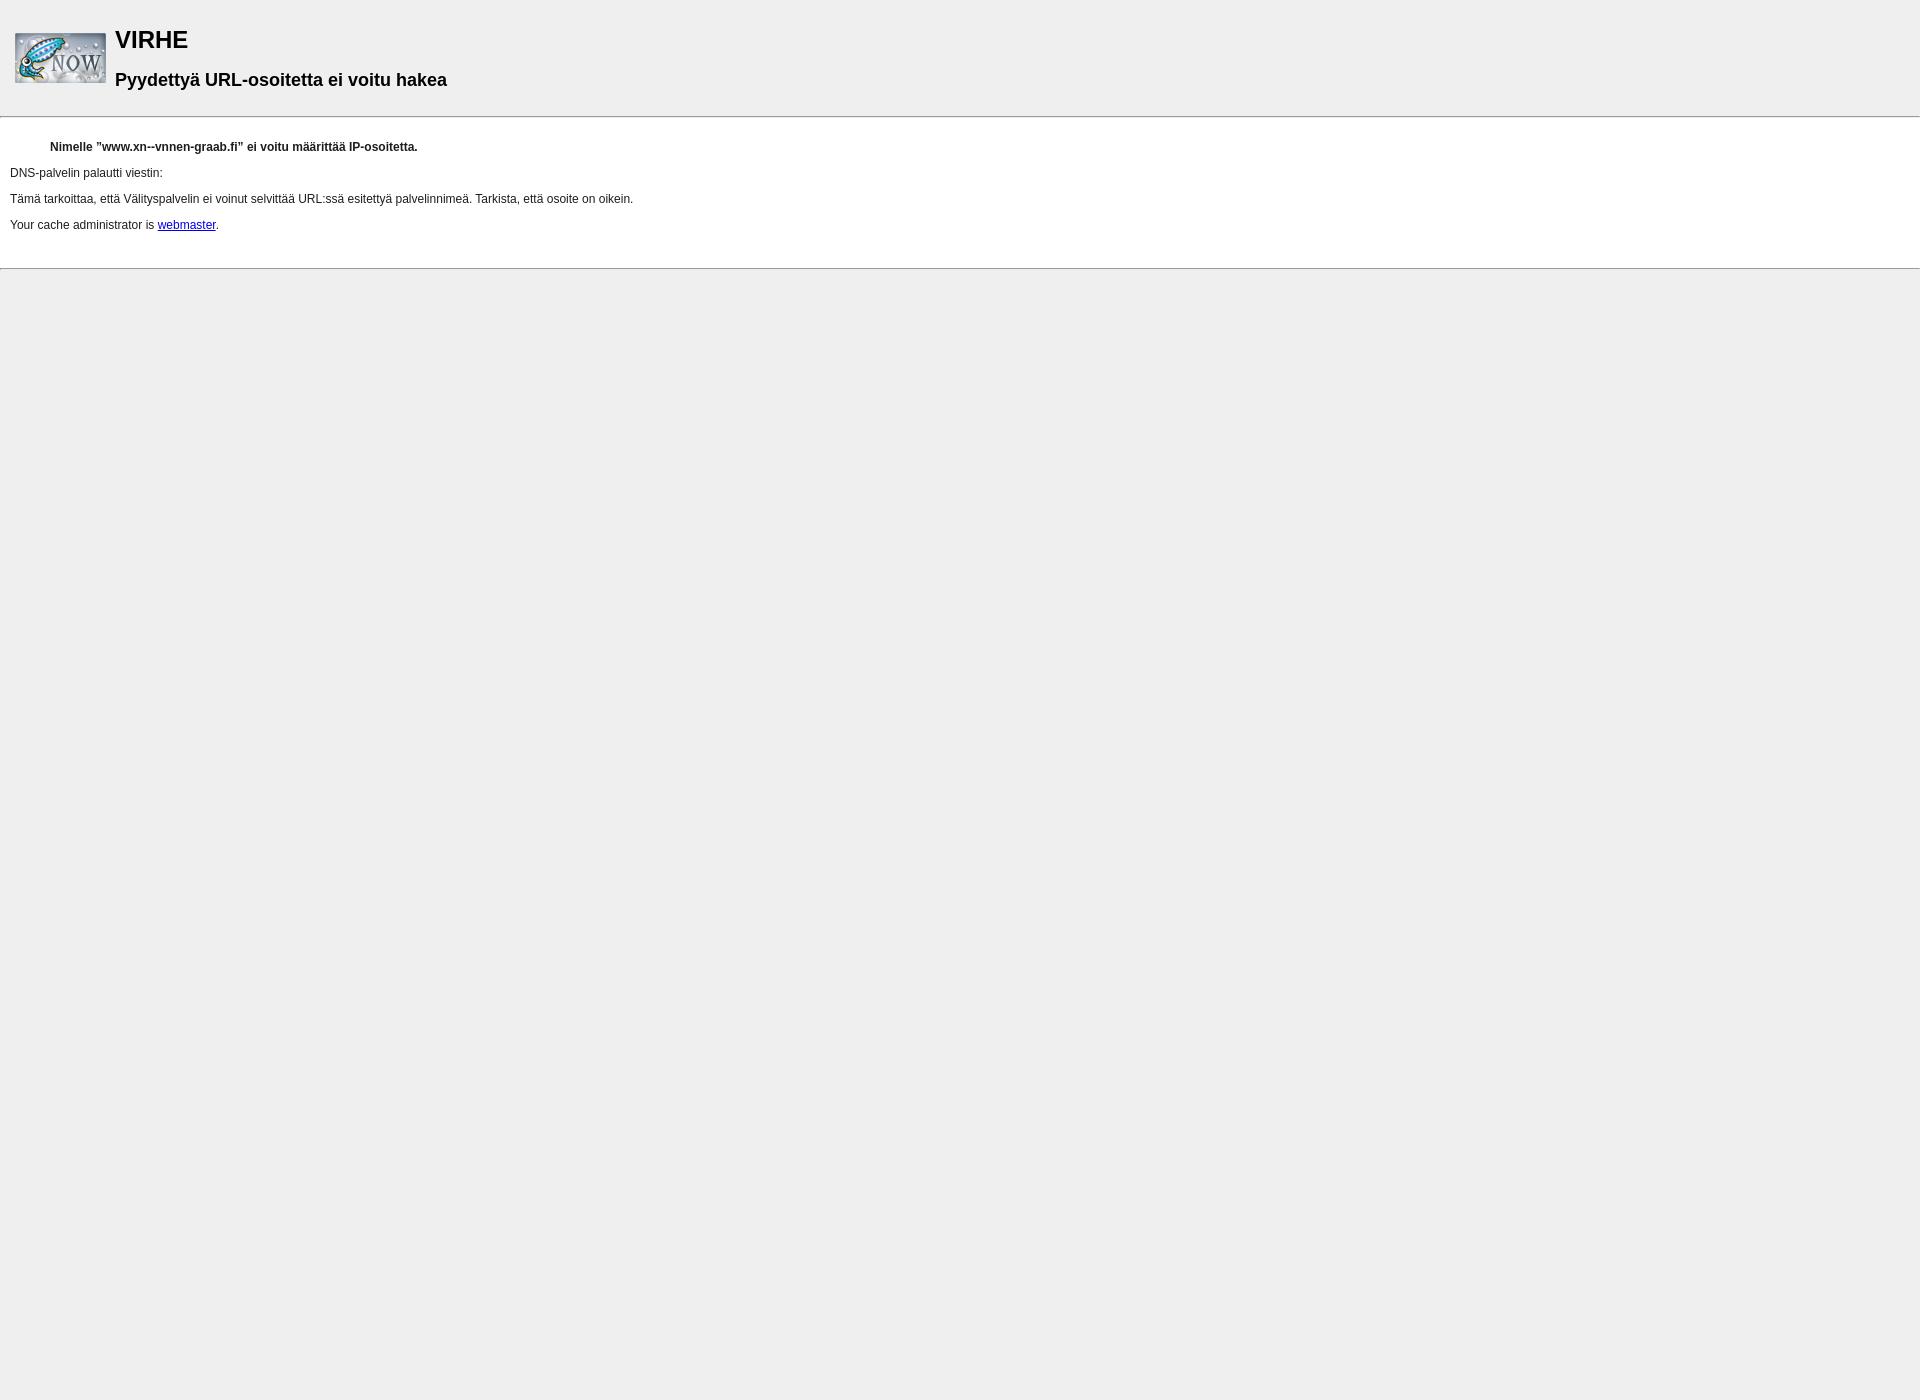 Screenshot for väänänen.fi